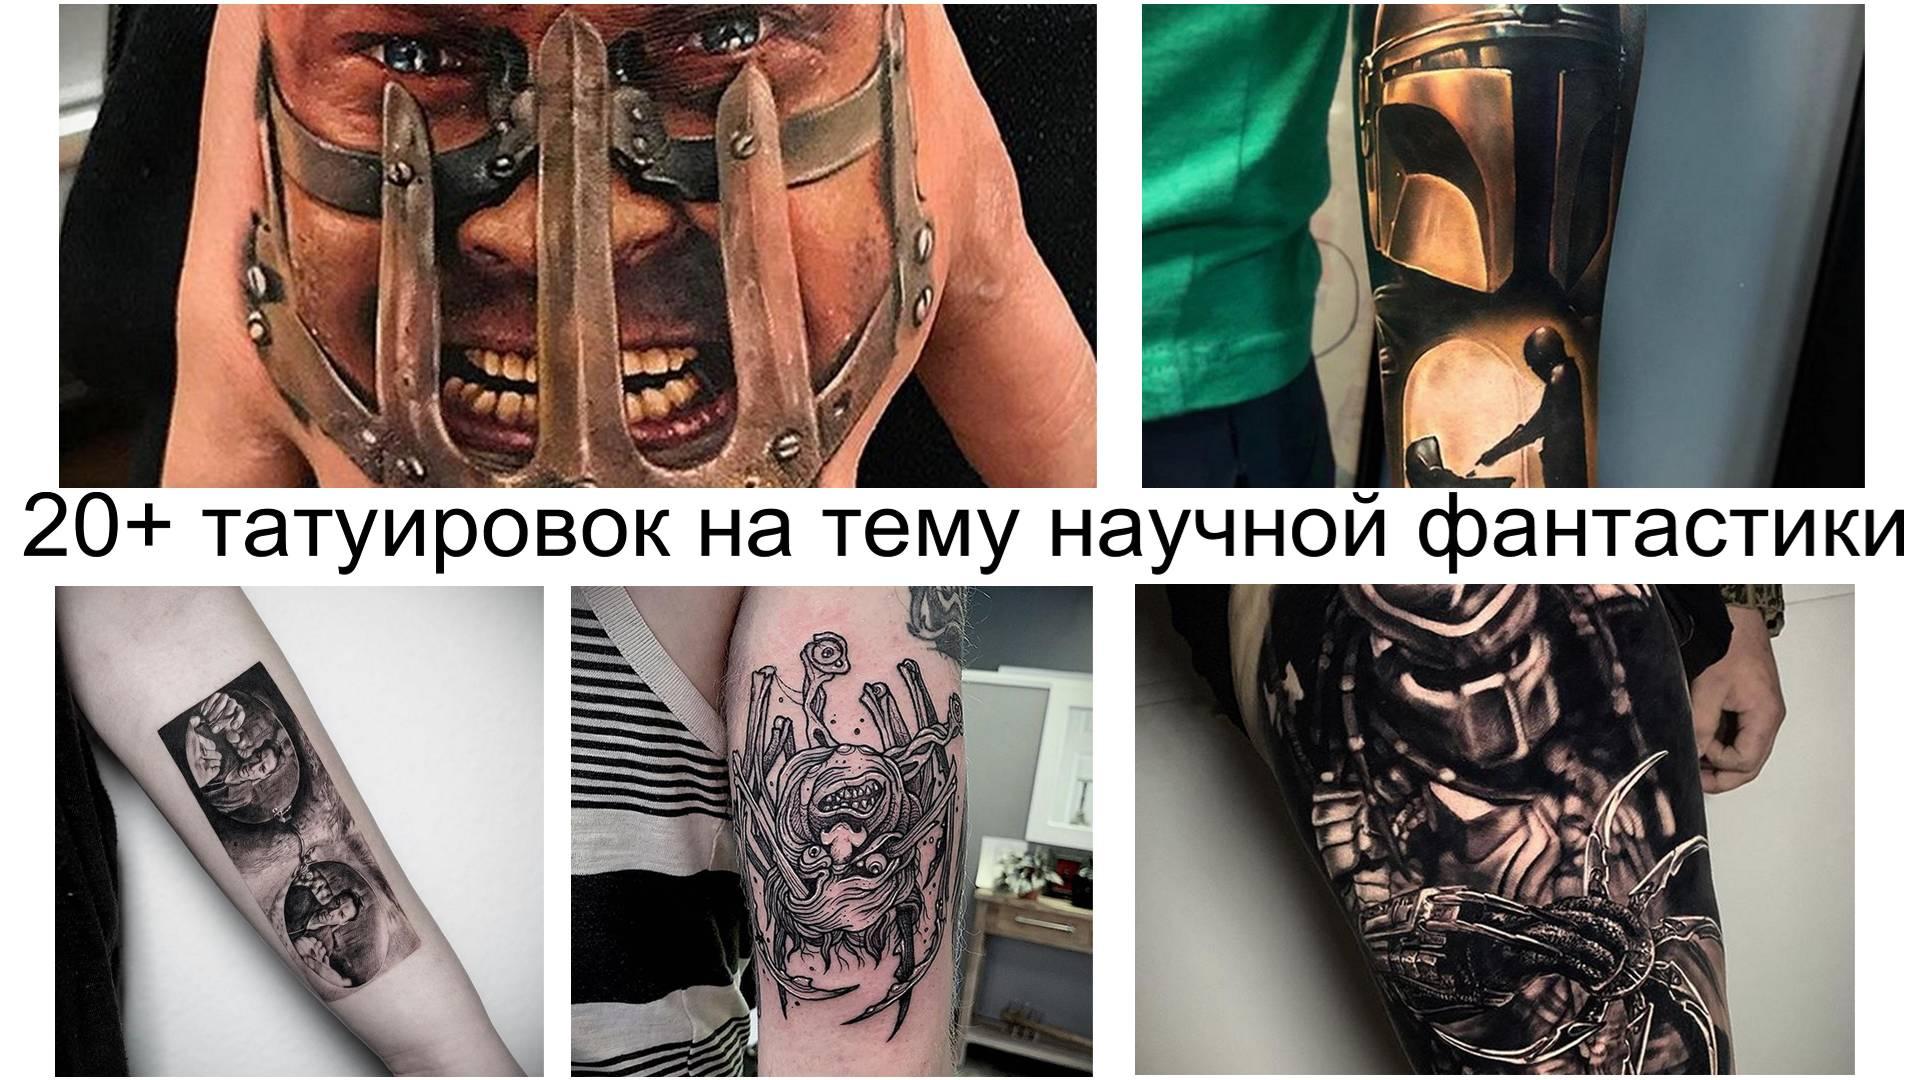 20+ татуировок на тему научной фантастики: подборка фото тату к международному дню научной фантастики – 2 января 2020 года